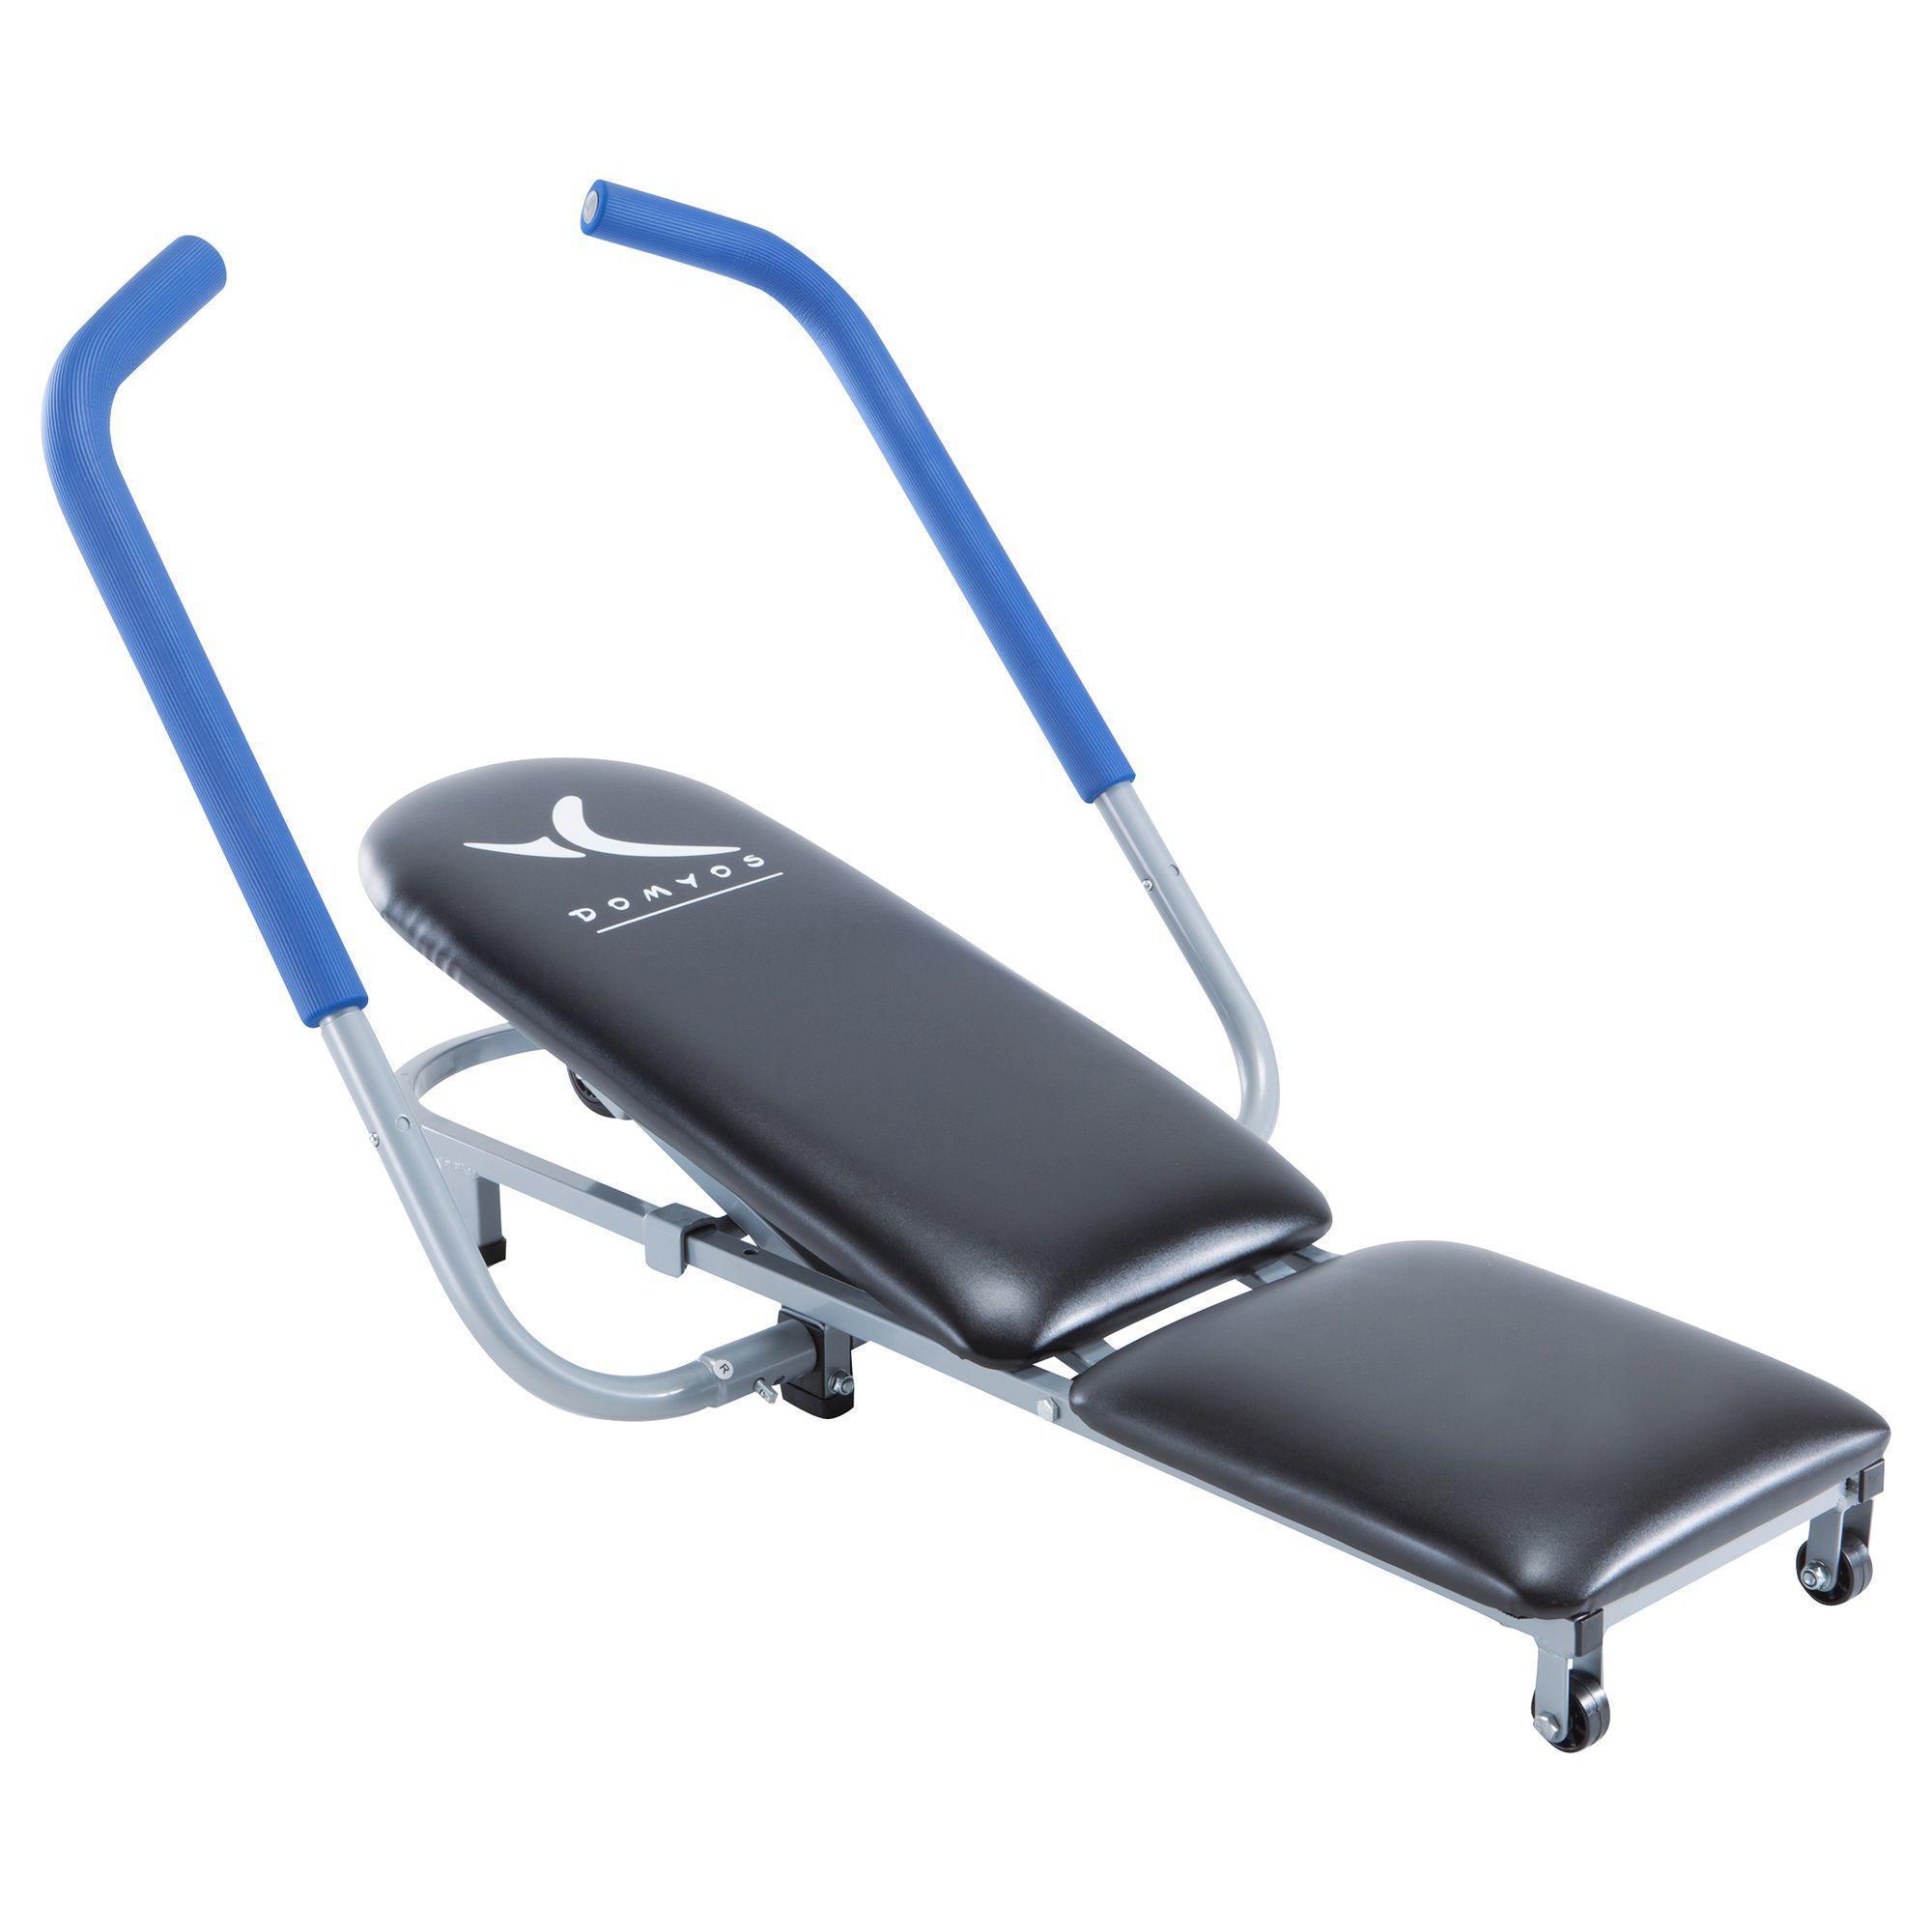 Appareil a abdominaux guide fitness ab 350 domyos by decathlon - Banc de musculation decathlon ...